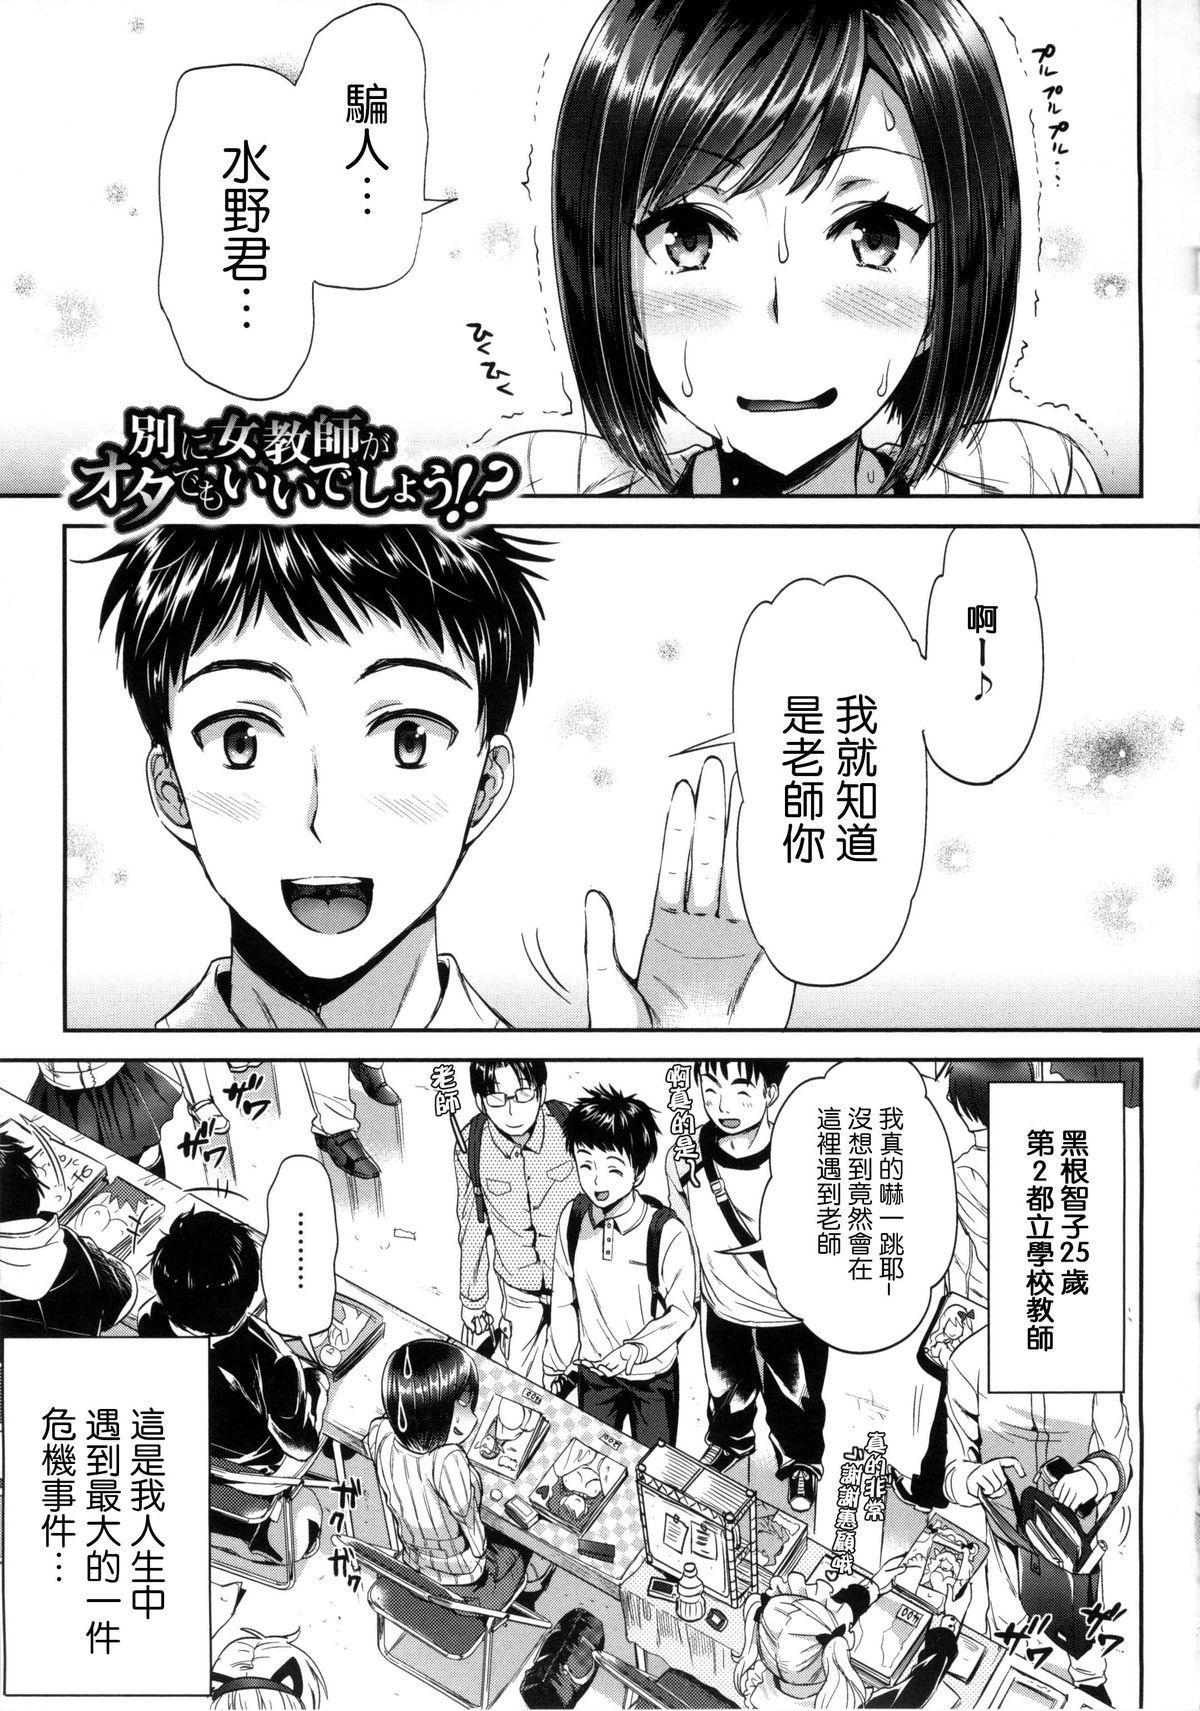 Seikousai - School Love Festival + Toranoana Gentei 8P Shousasshi 57